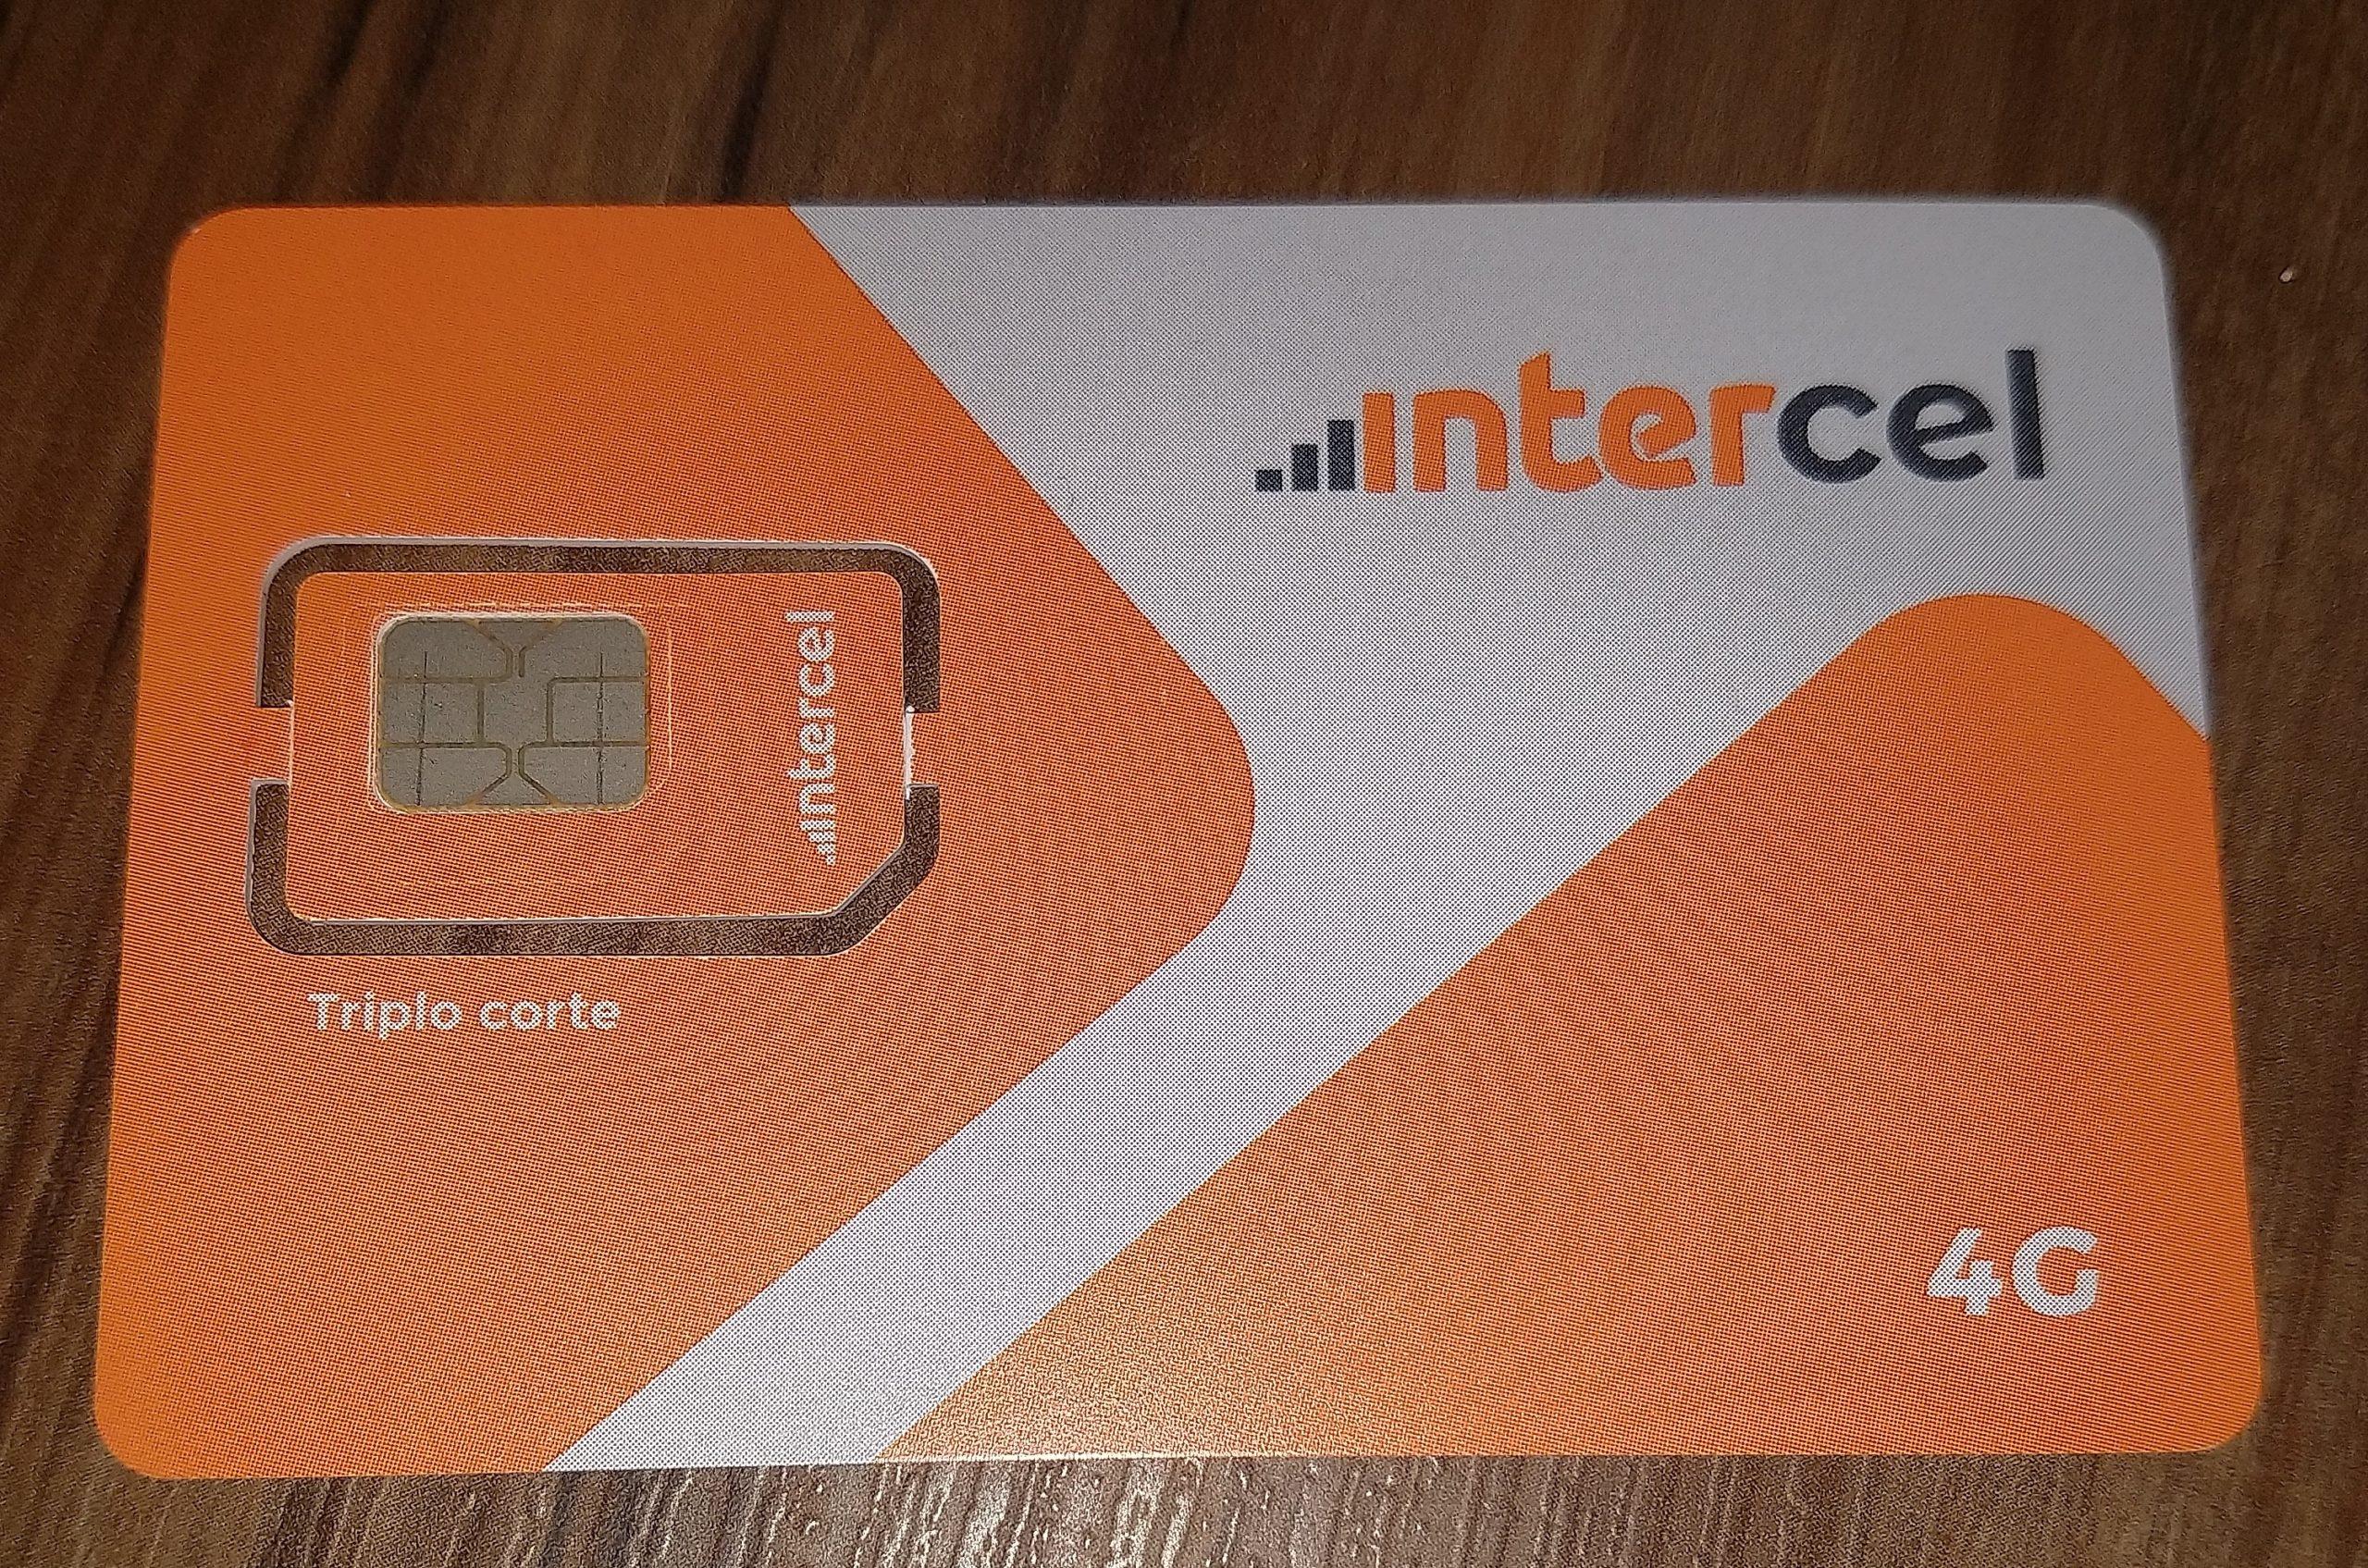 Será que a Surf (Intercel/Correios Celular/Maga+/etc) vai usar bruxaria no SIM card?